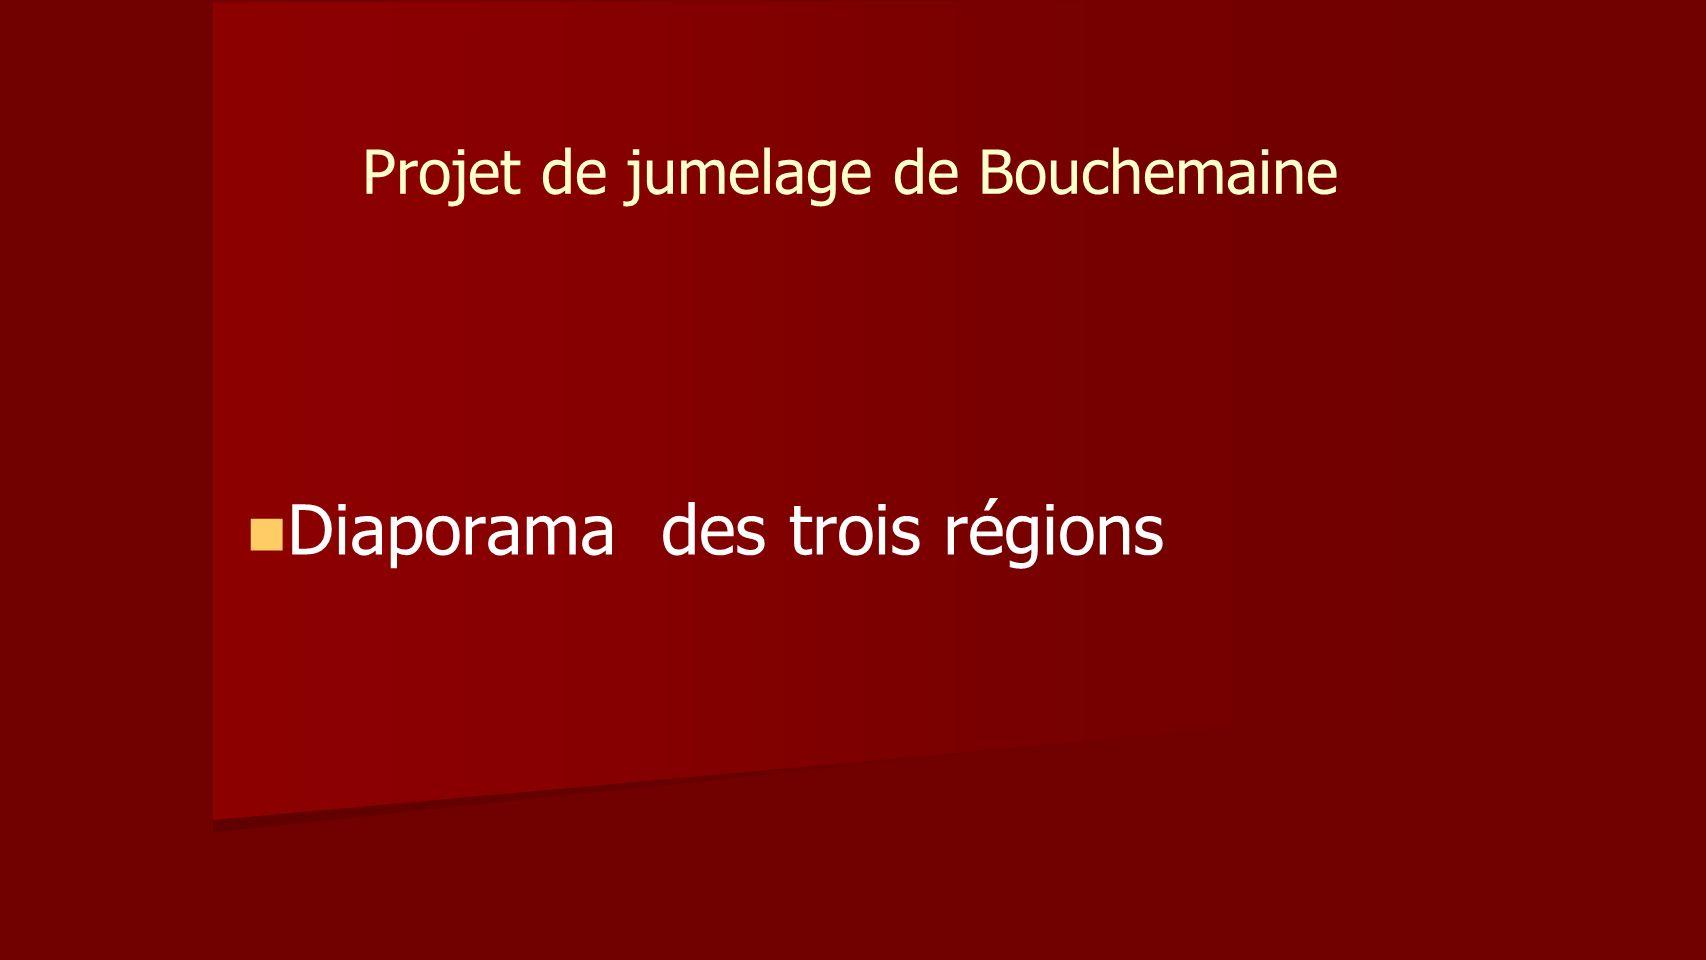 Projet de jumelage de Bouchemaine Diaporama des trois régions